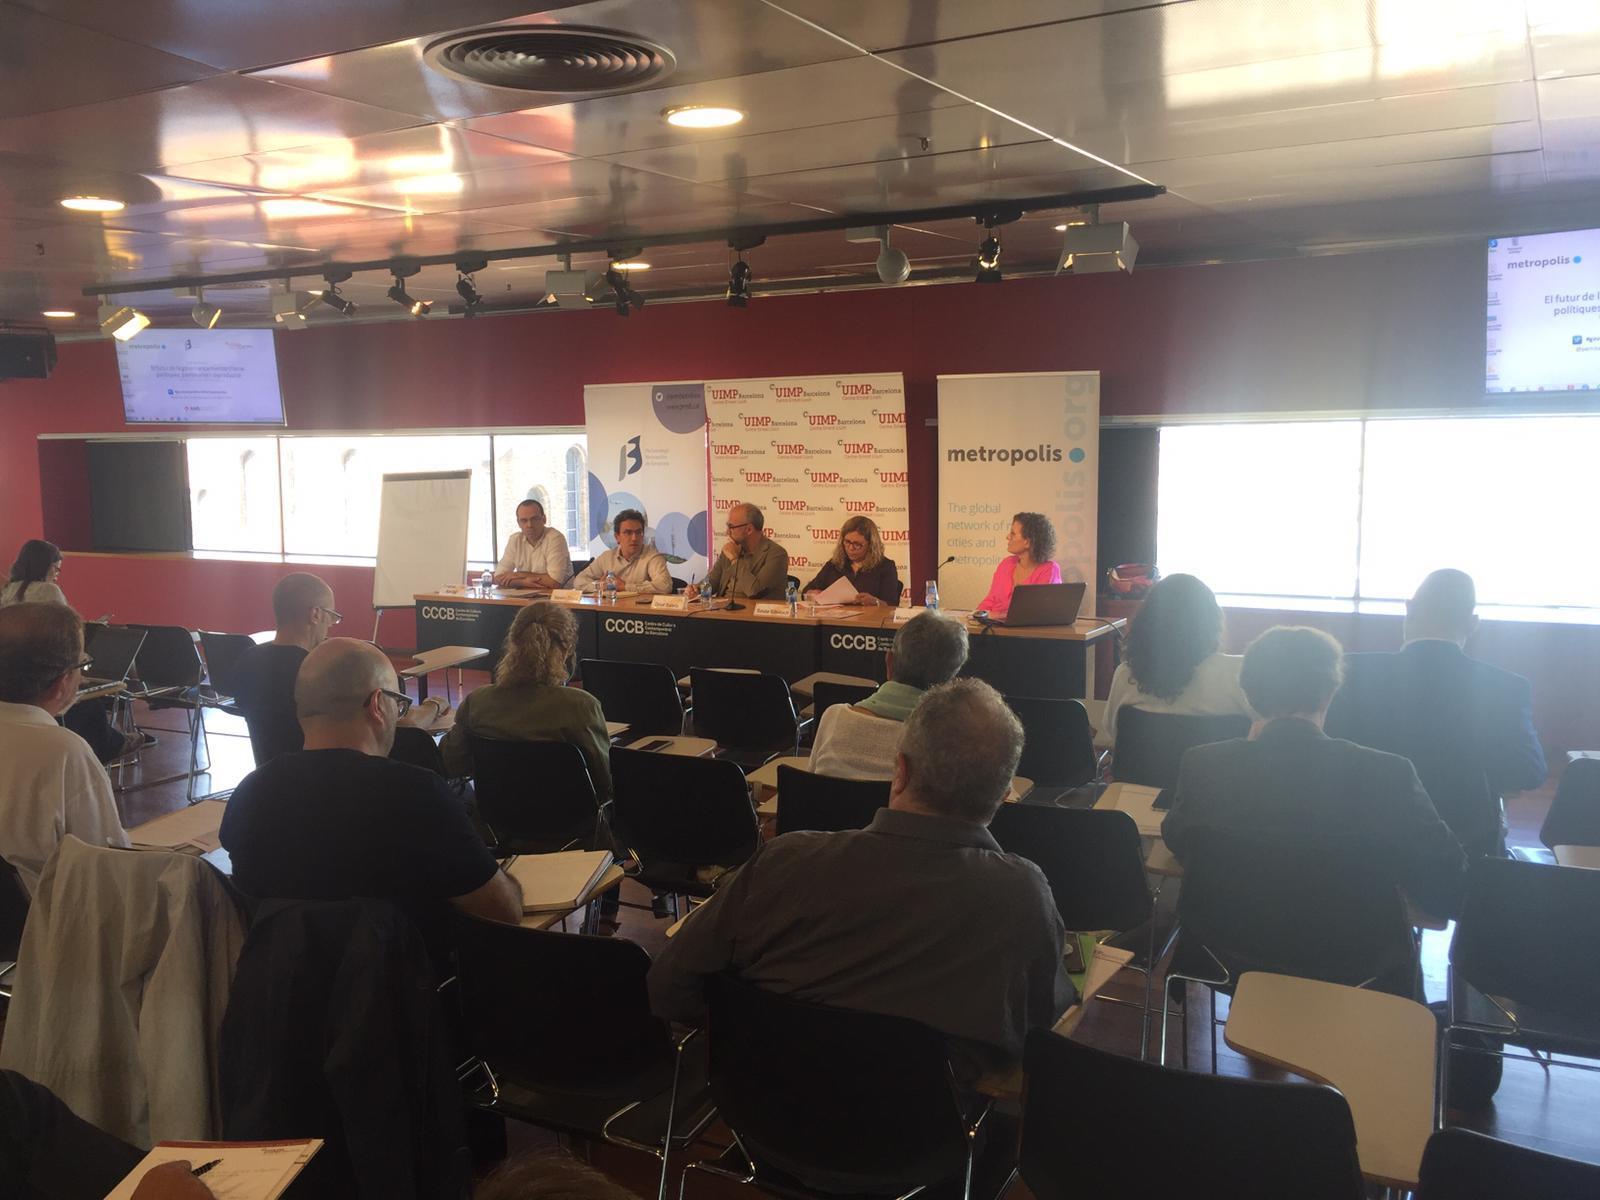 Curs: 'El futur de la governança metropolitana: polítiques, partenariats i co-producció'